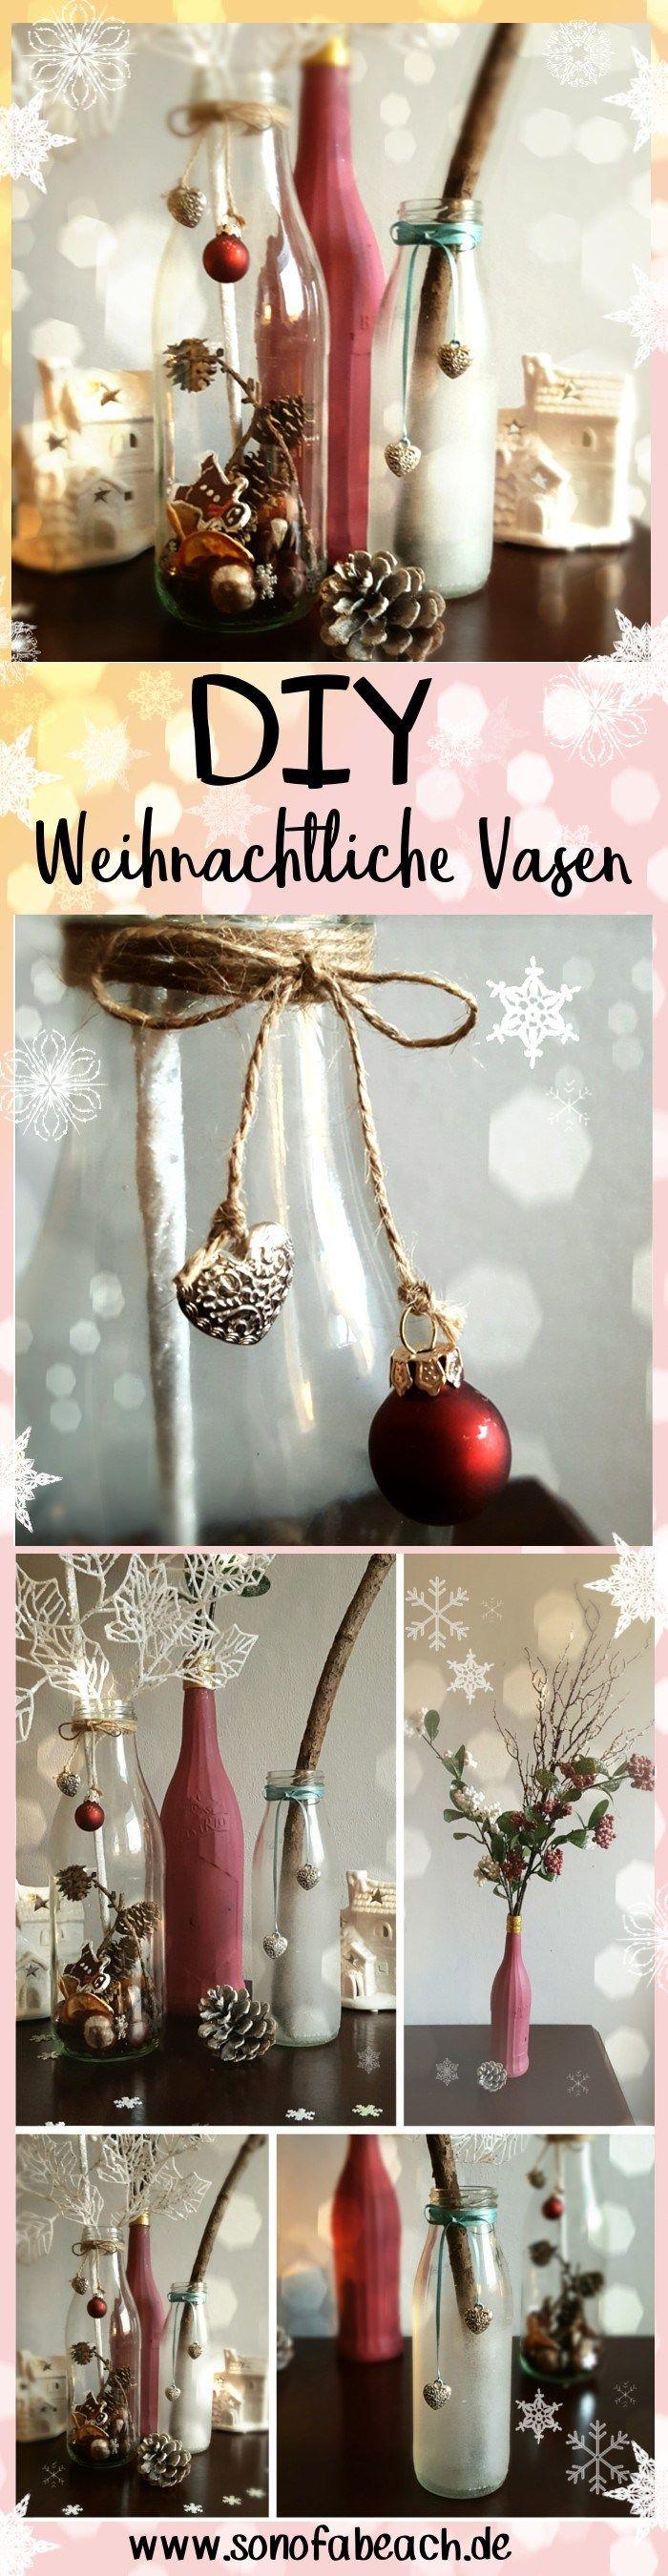 Bastel dir deine eigene Weihnachtsdeko aus alten Glasflaschen! Wirf deine Glasflaschen nicht in den Altglascontainer, sondern bastel daraus weihnachtliche Vasen. In diesem DIY zeige ich dir, wie es geht.